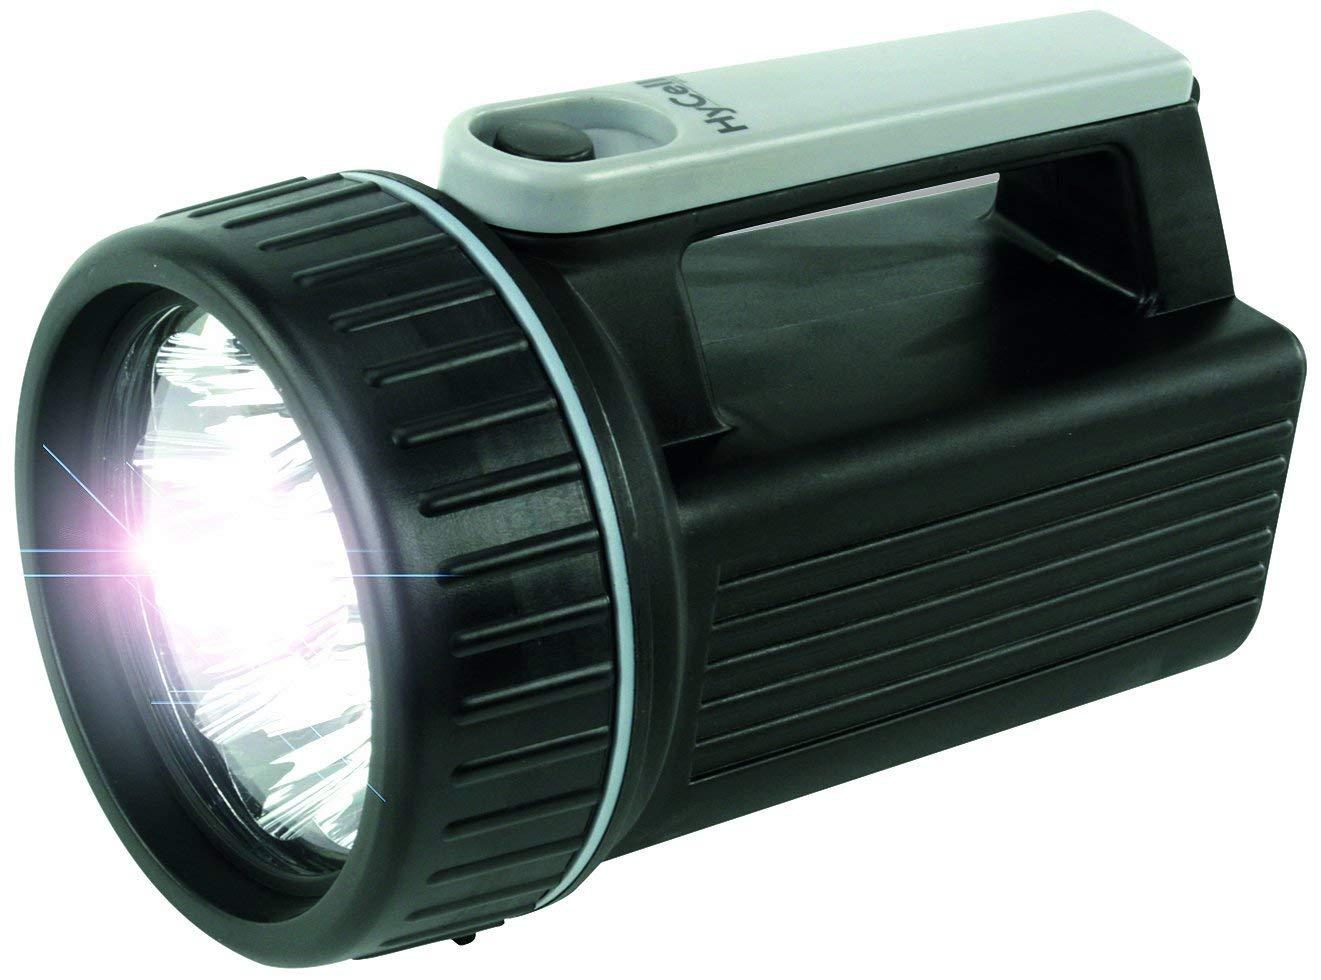 Projecteur portatif ANSMANN HyCell HS9 LED // /à piles avec 9 LEDs et une dur/ée d/éclairage de 150h // Lampe avec r/éflecteur le travail etc. latelier le jardin id/éale pour le camping le garage